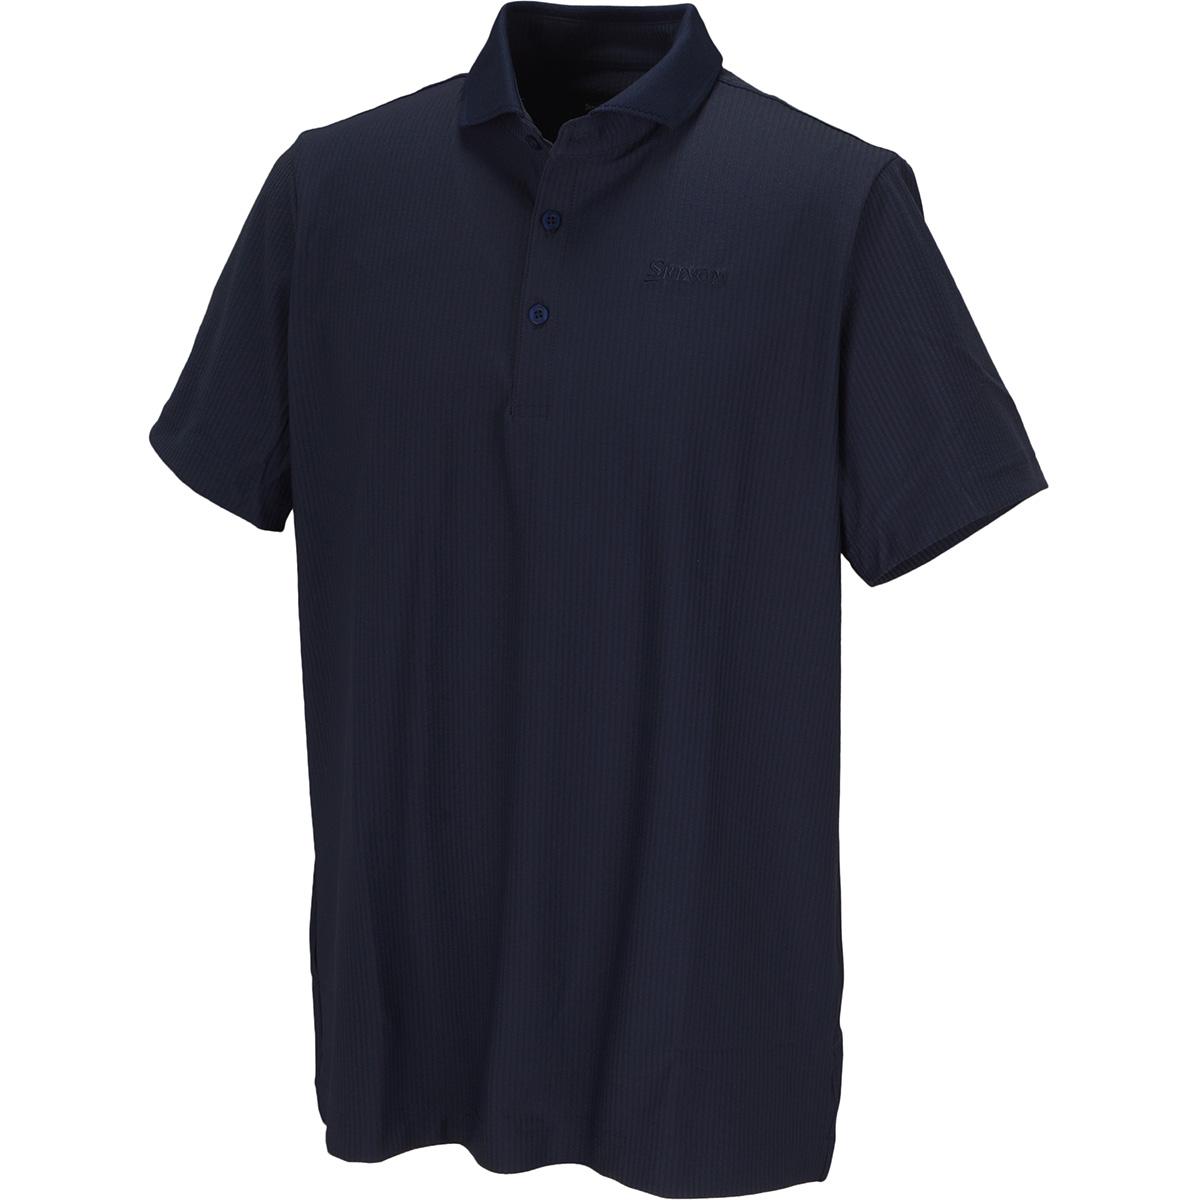 ニットサッカー半袖ポロシャツ